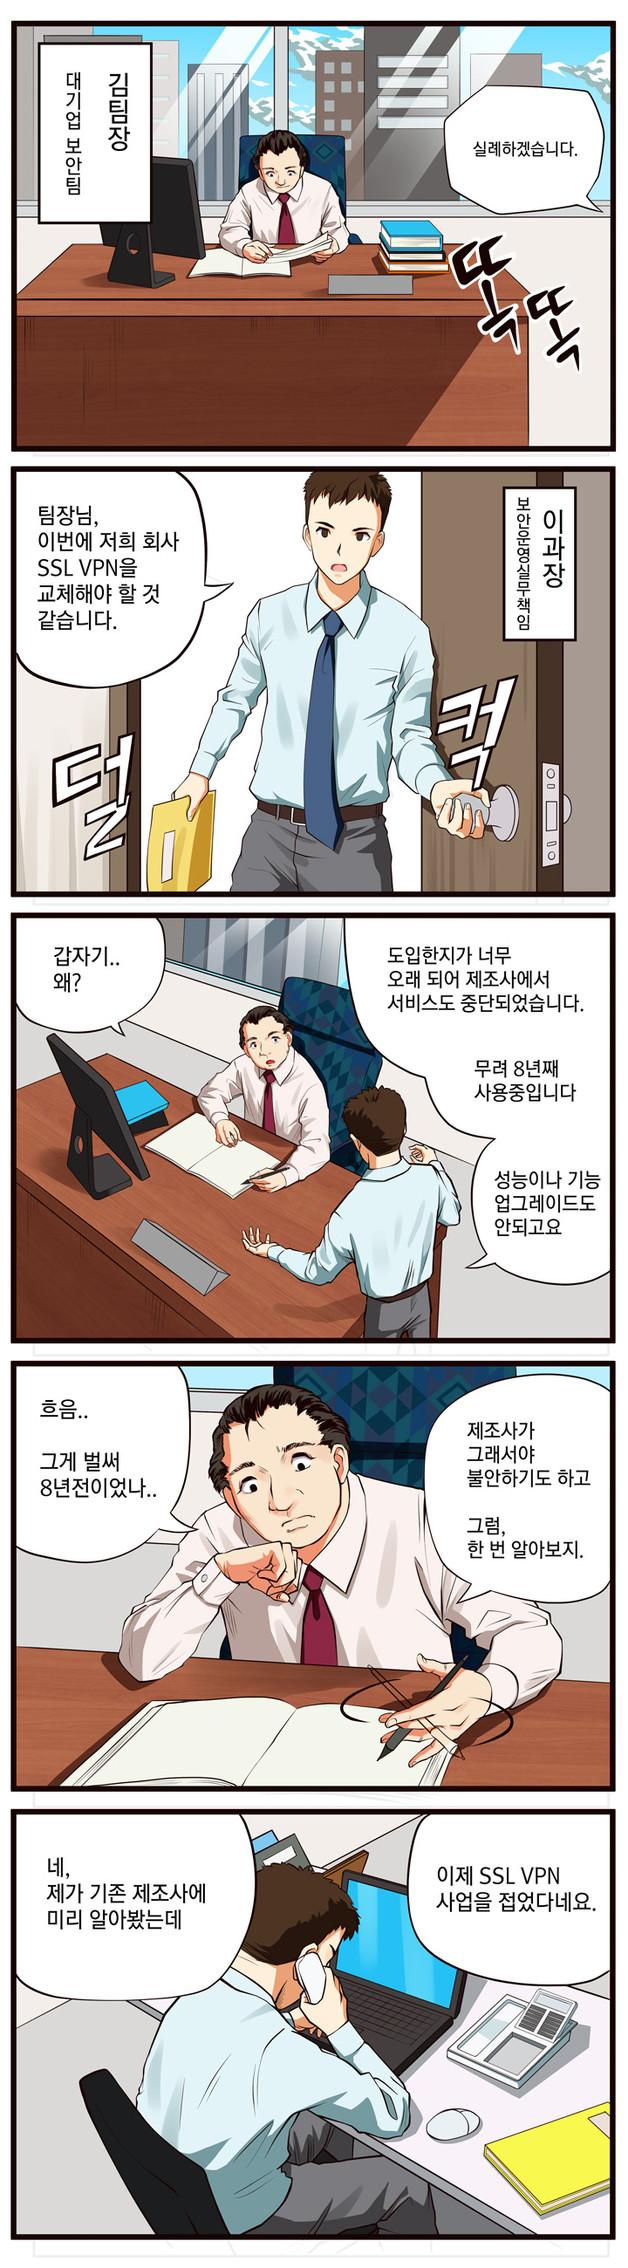 만화로 보는 Array SSL VPN